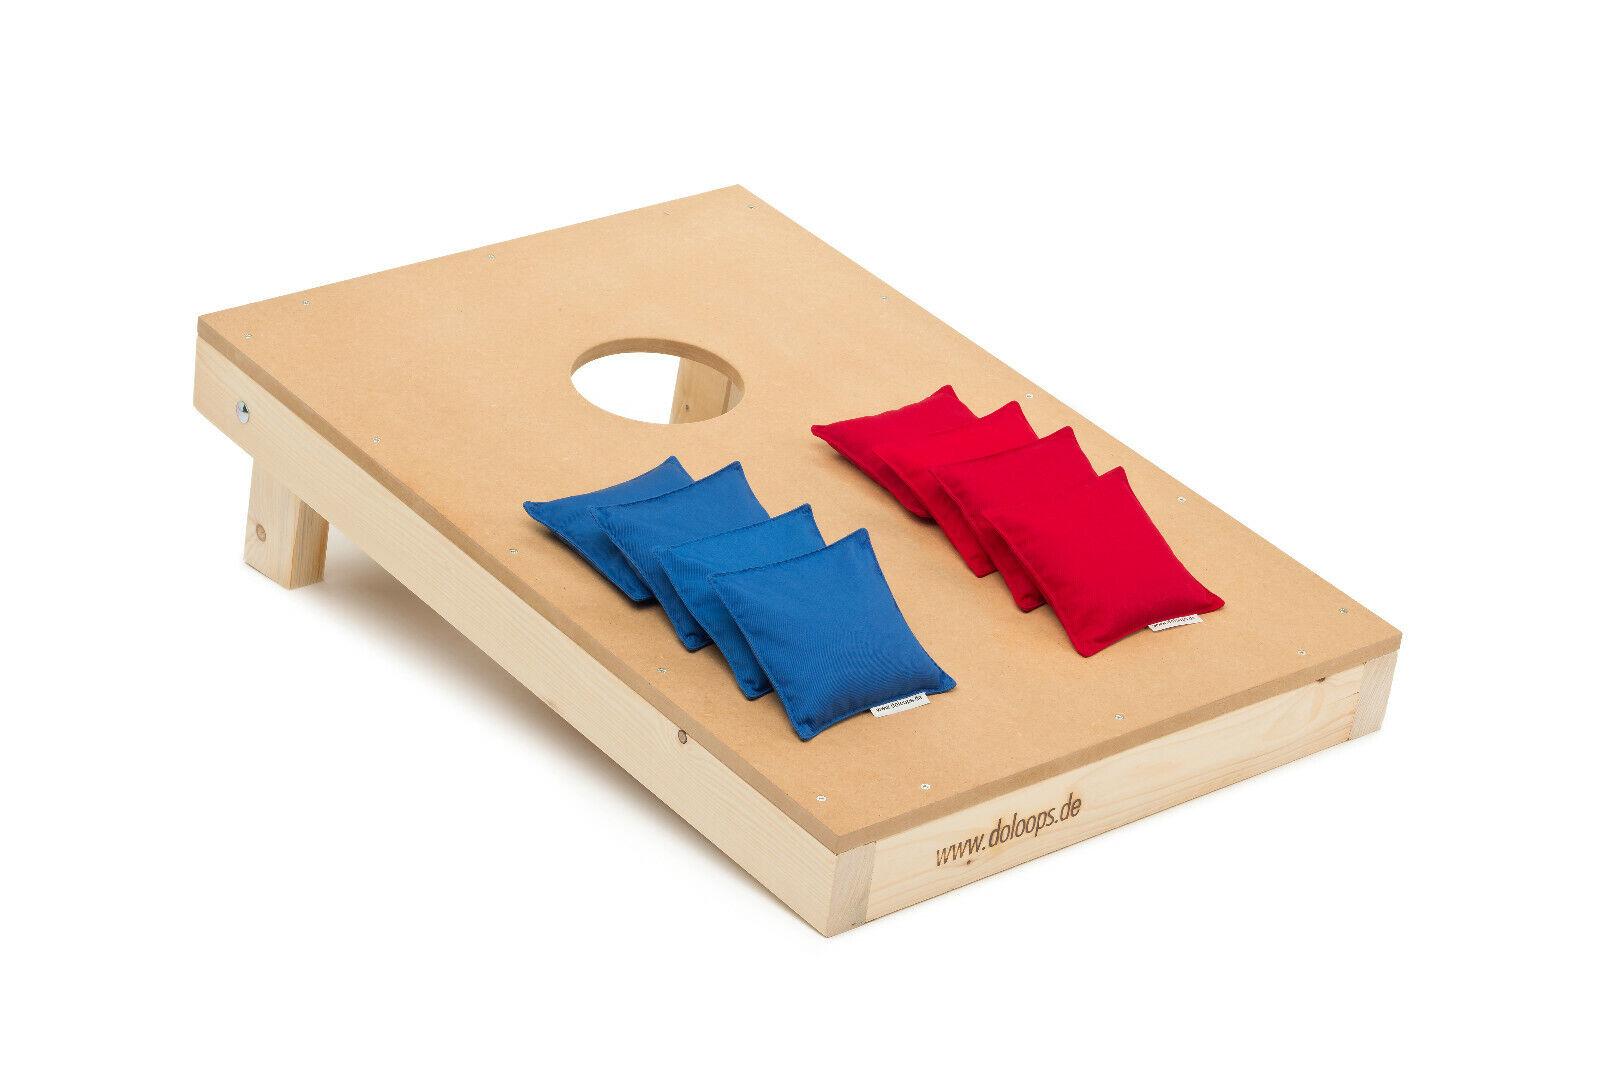 Original Cornhole Set  -  Spielset mit 1 Board + 4 rote und 4 blaue Bags